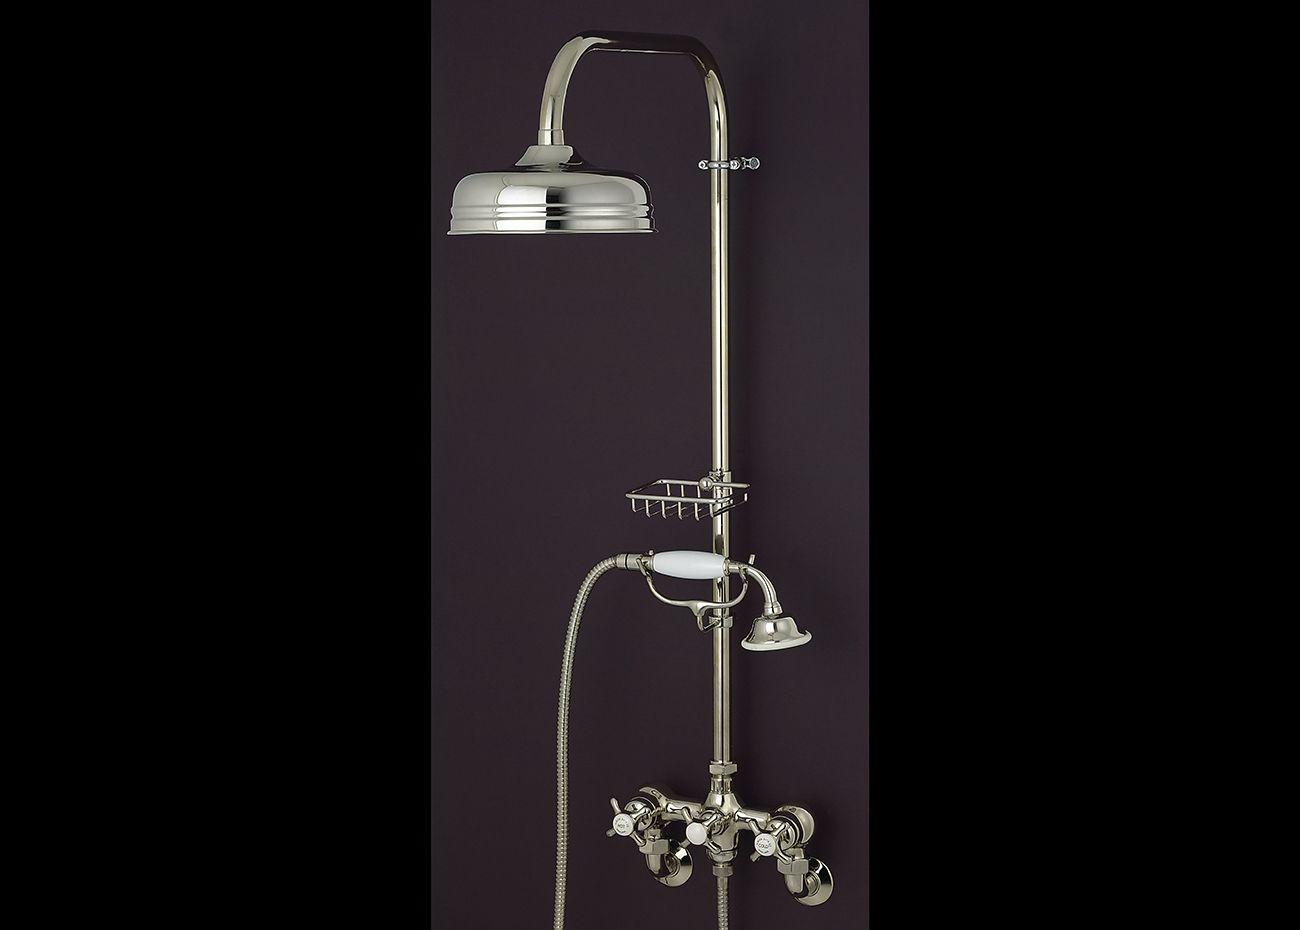 Badkamer Douche Kranen : Amie douchekranen opbouw en inbouw douchekranen #douche #douches